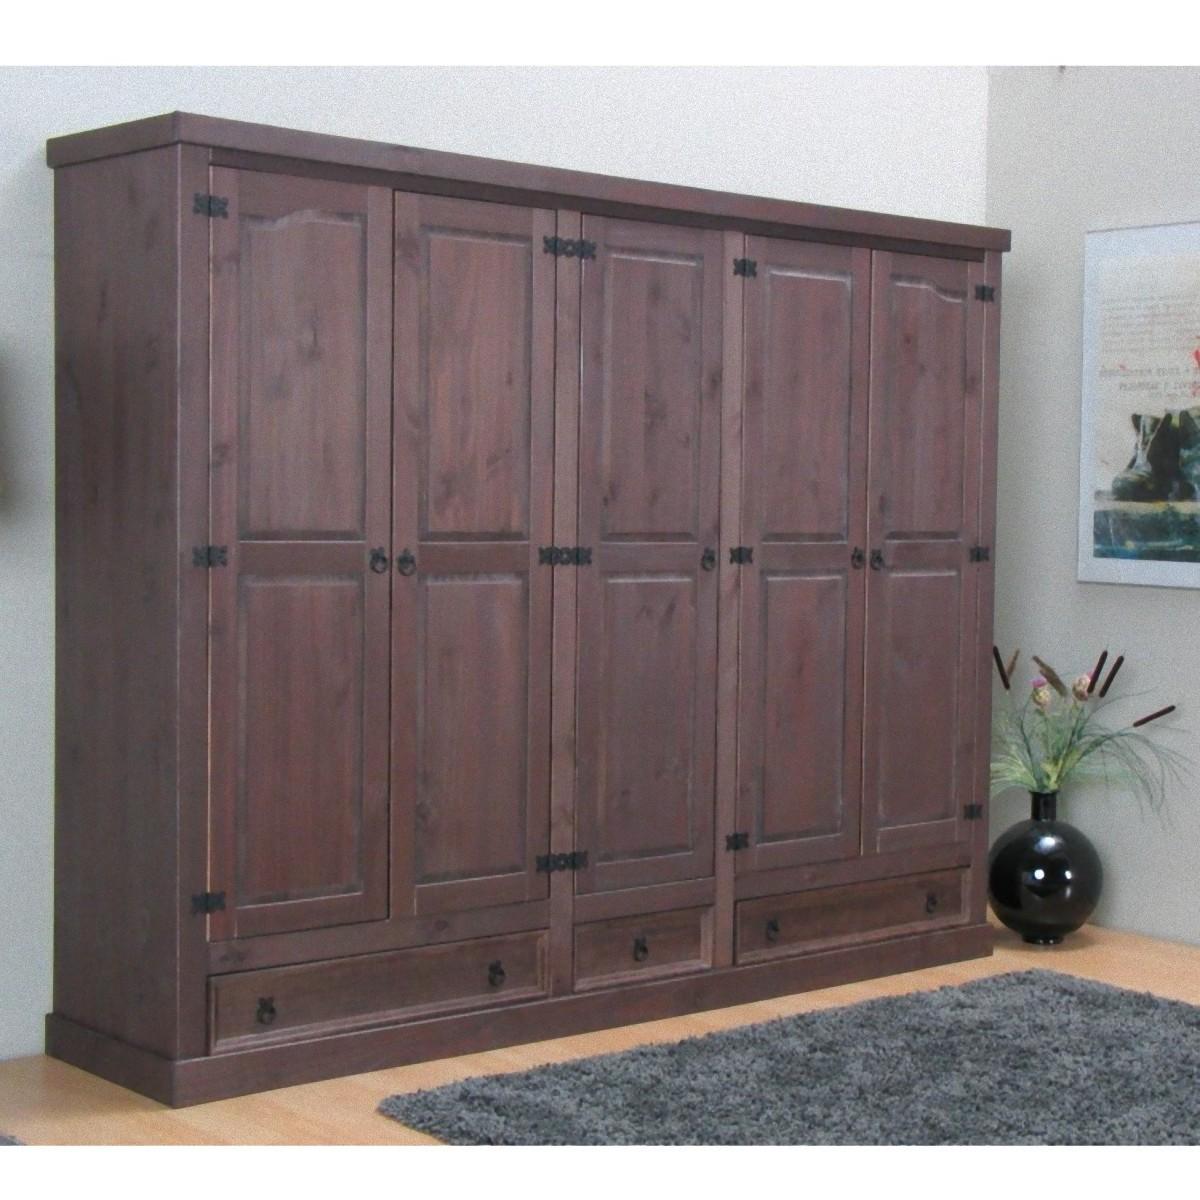 5trg massiv kiefer mexiko kleiderschrank new mexico schlafzimmer schrank m bel wohnen schlafzimmer. Black Bedroom Furniture Sets. Home Design Ideas